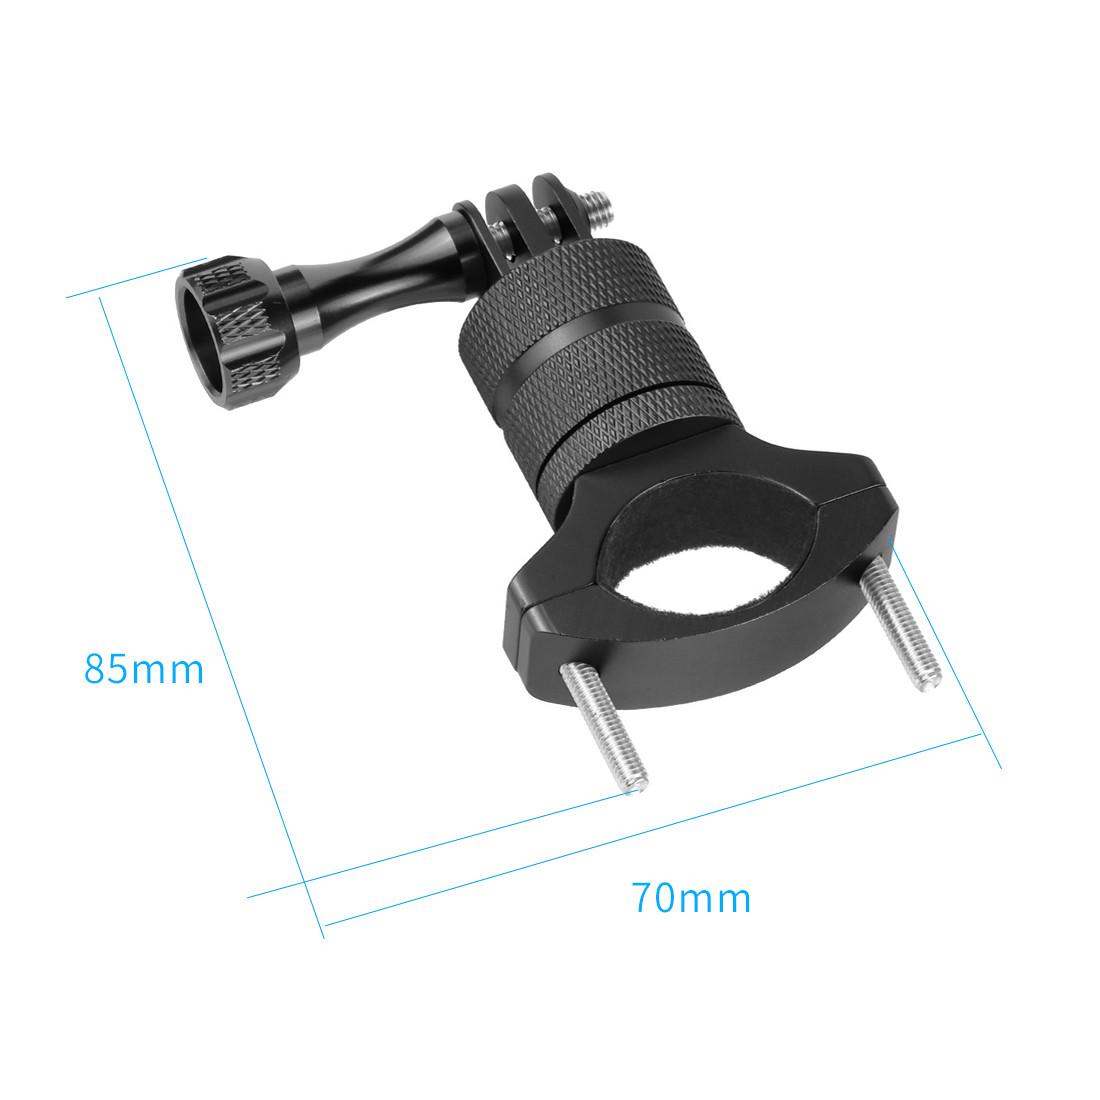 Крепление держатель на руль для gopro hero екшн экшен камеры метал черная